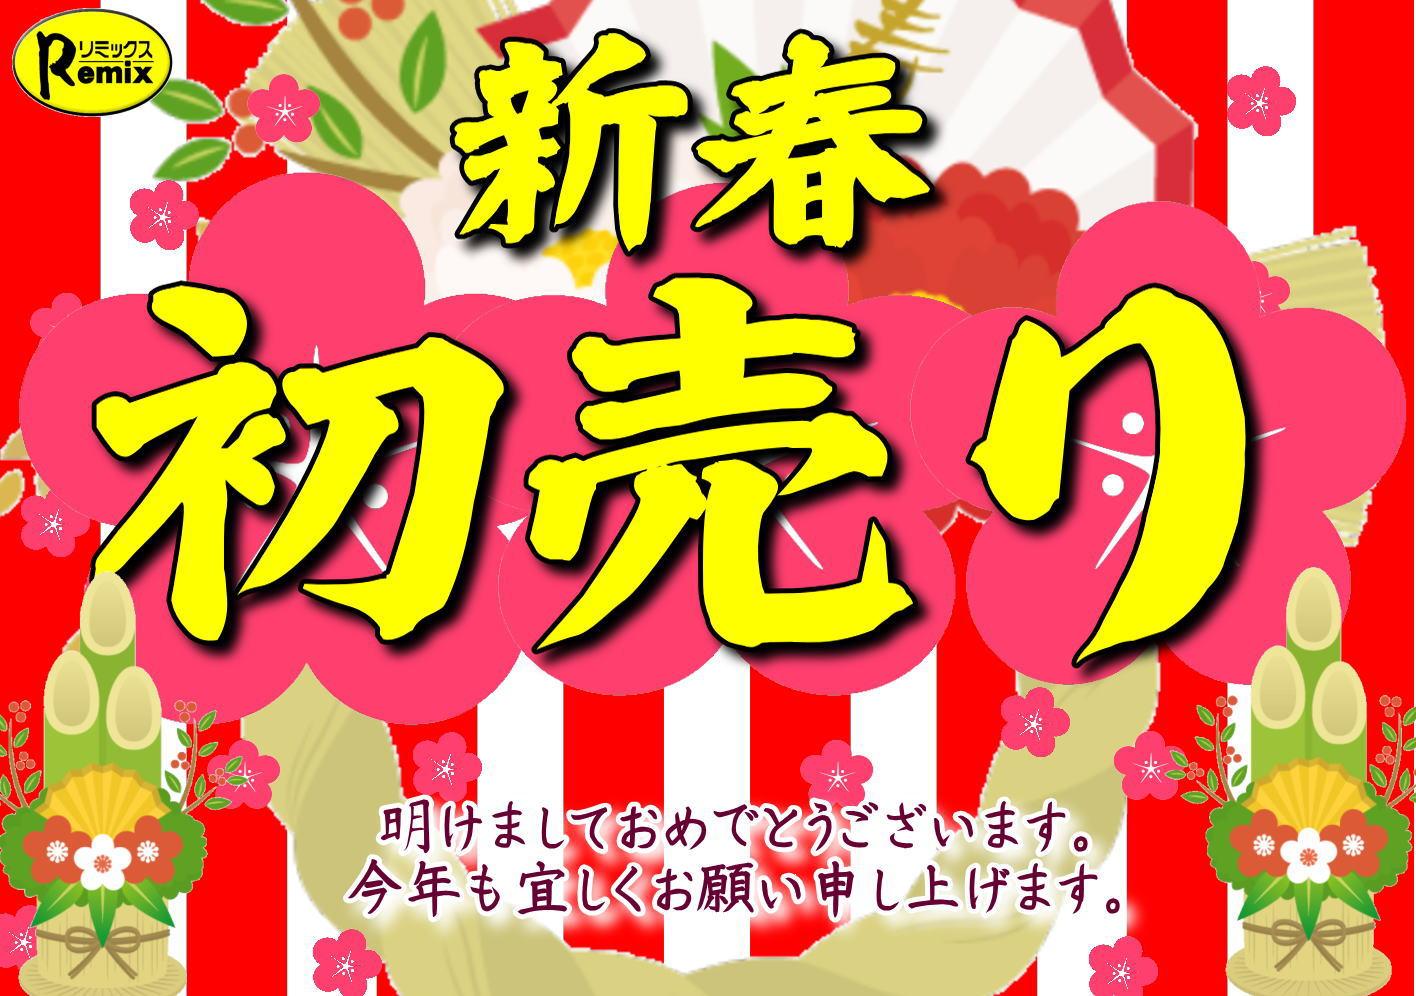 さぁ仕事始め!新春初売り始まってます!